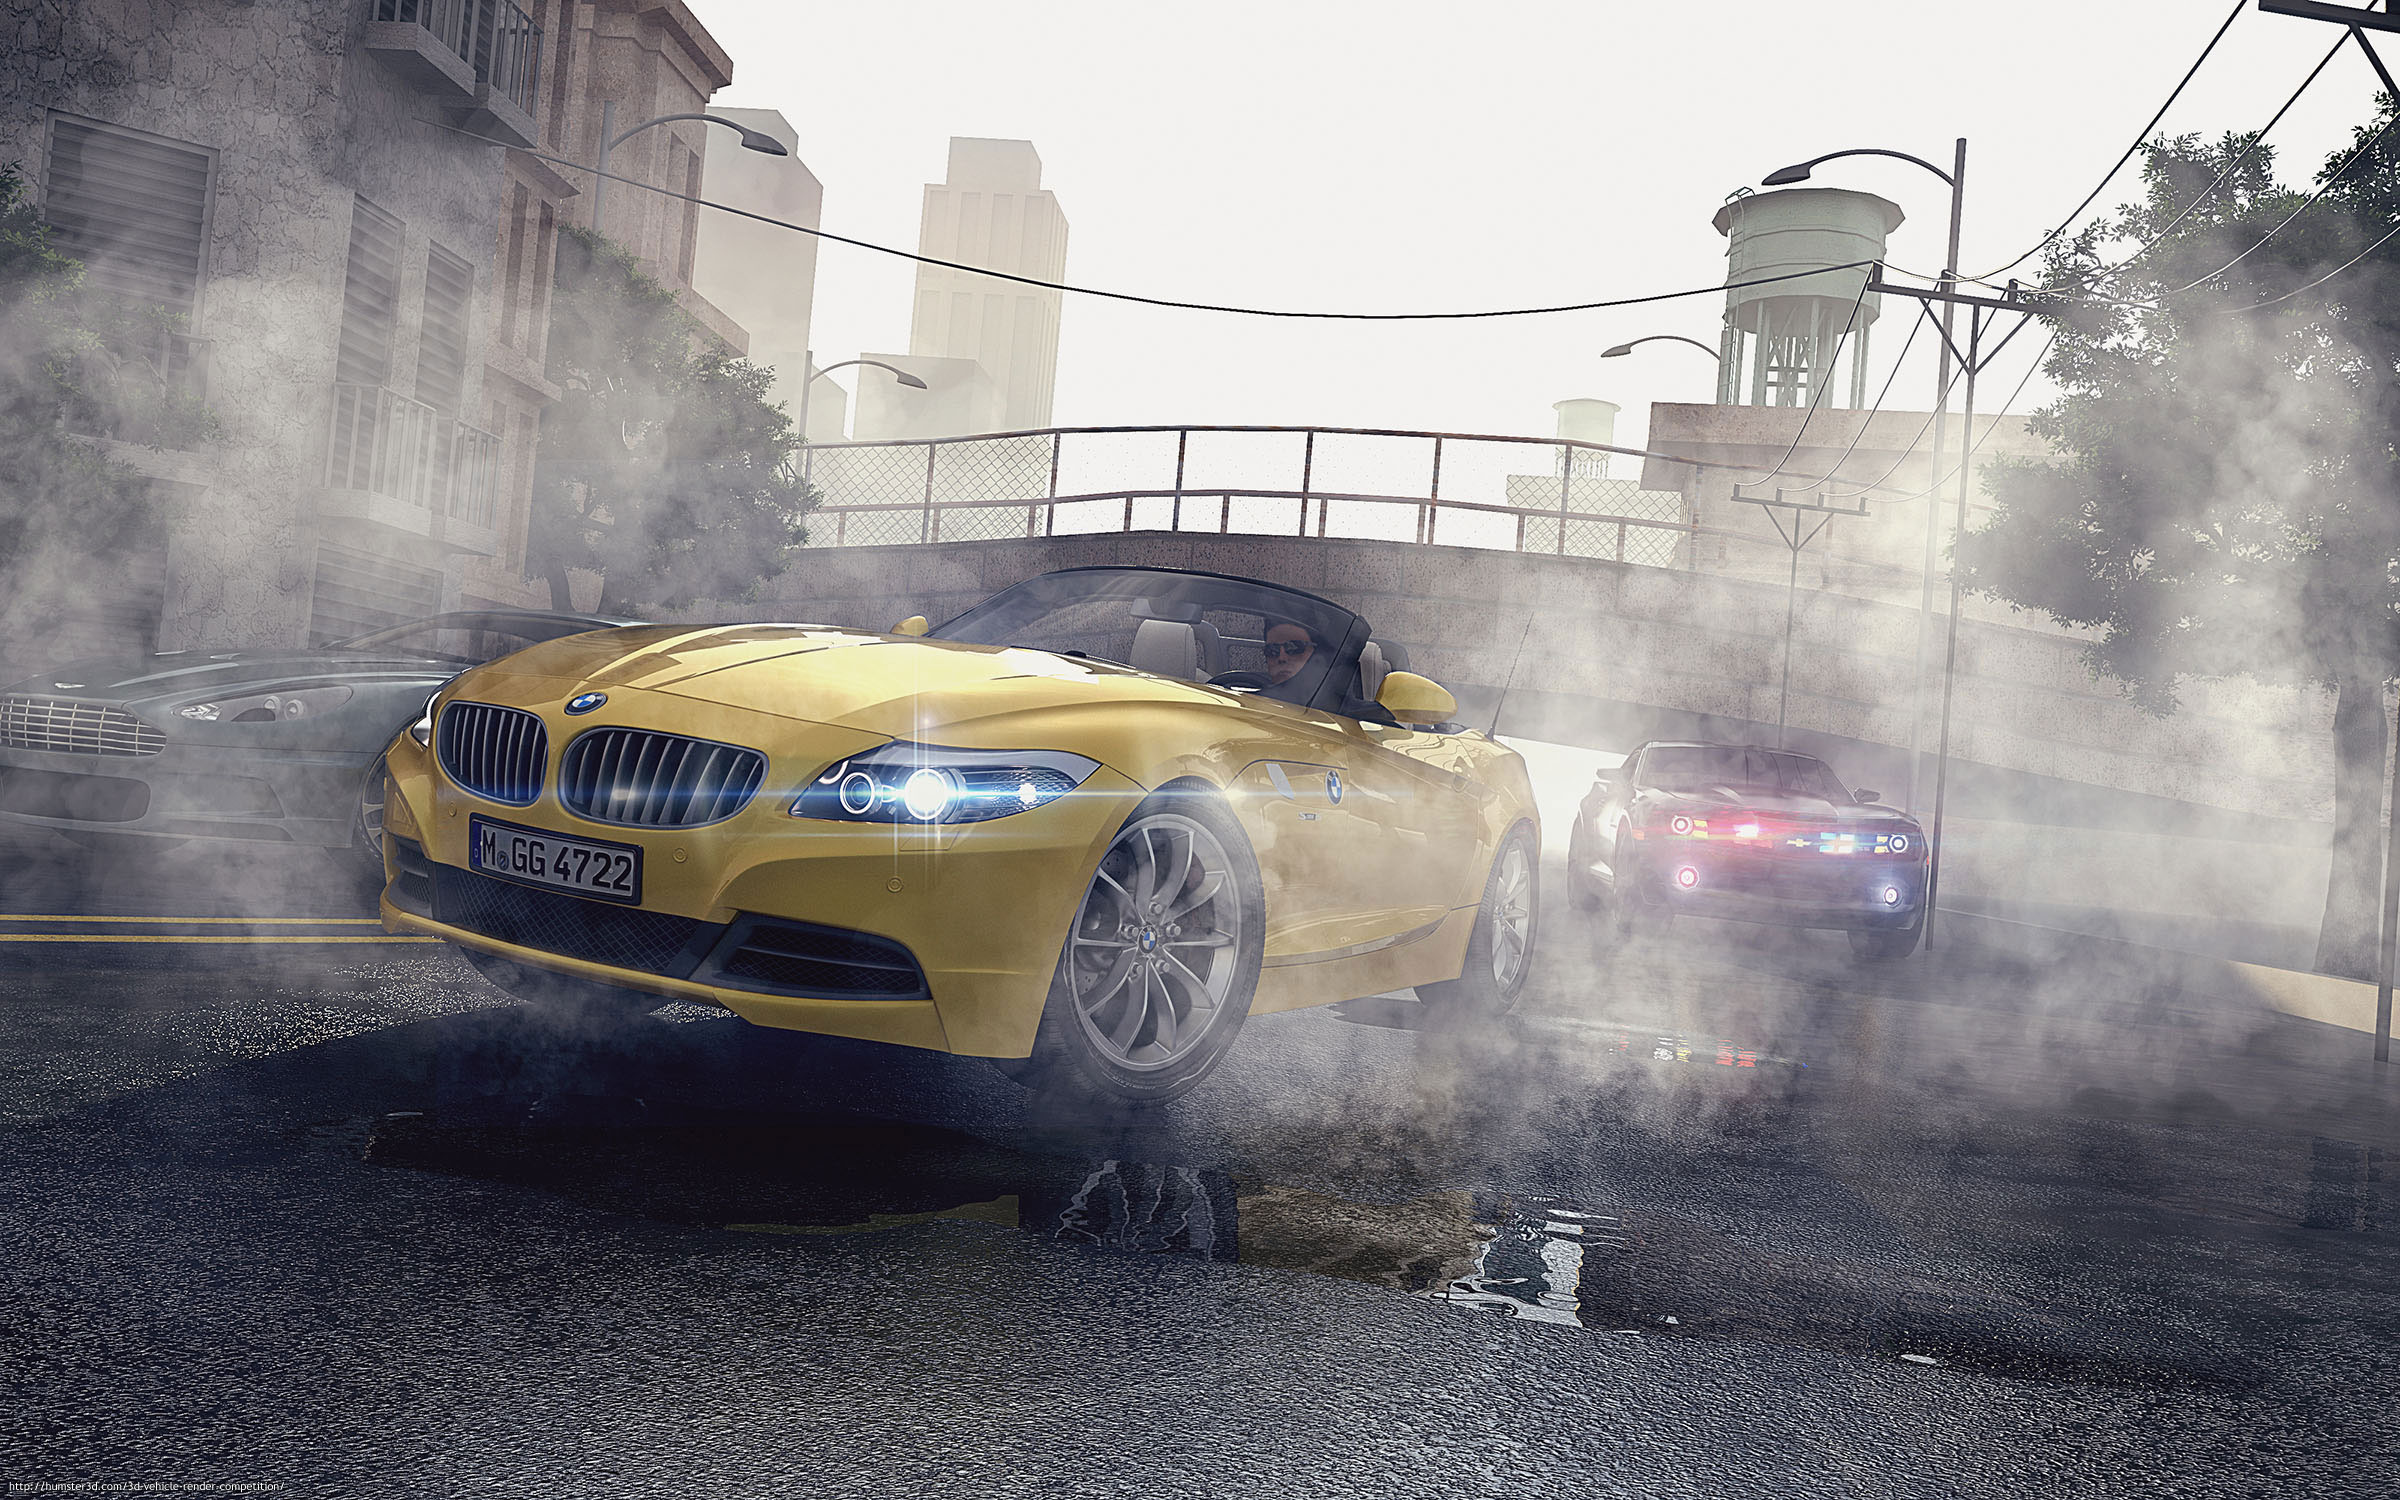 BMW Z4 2010 3d art